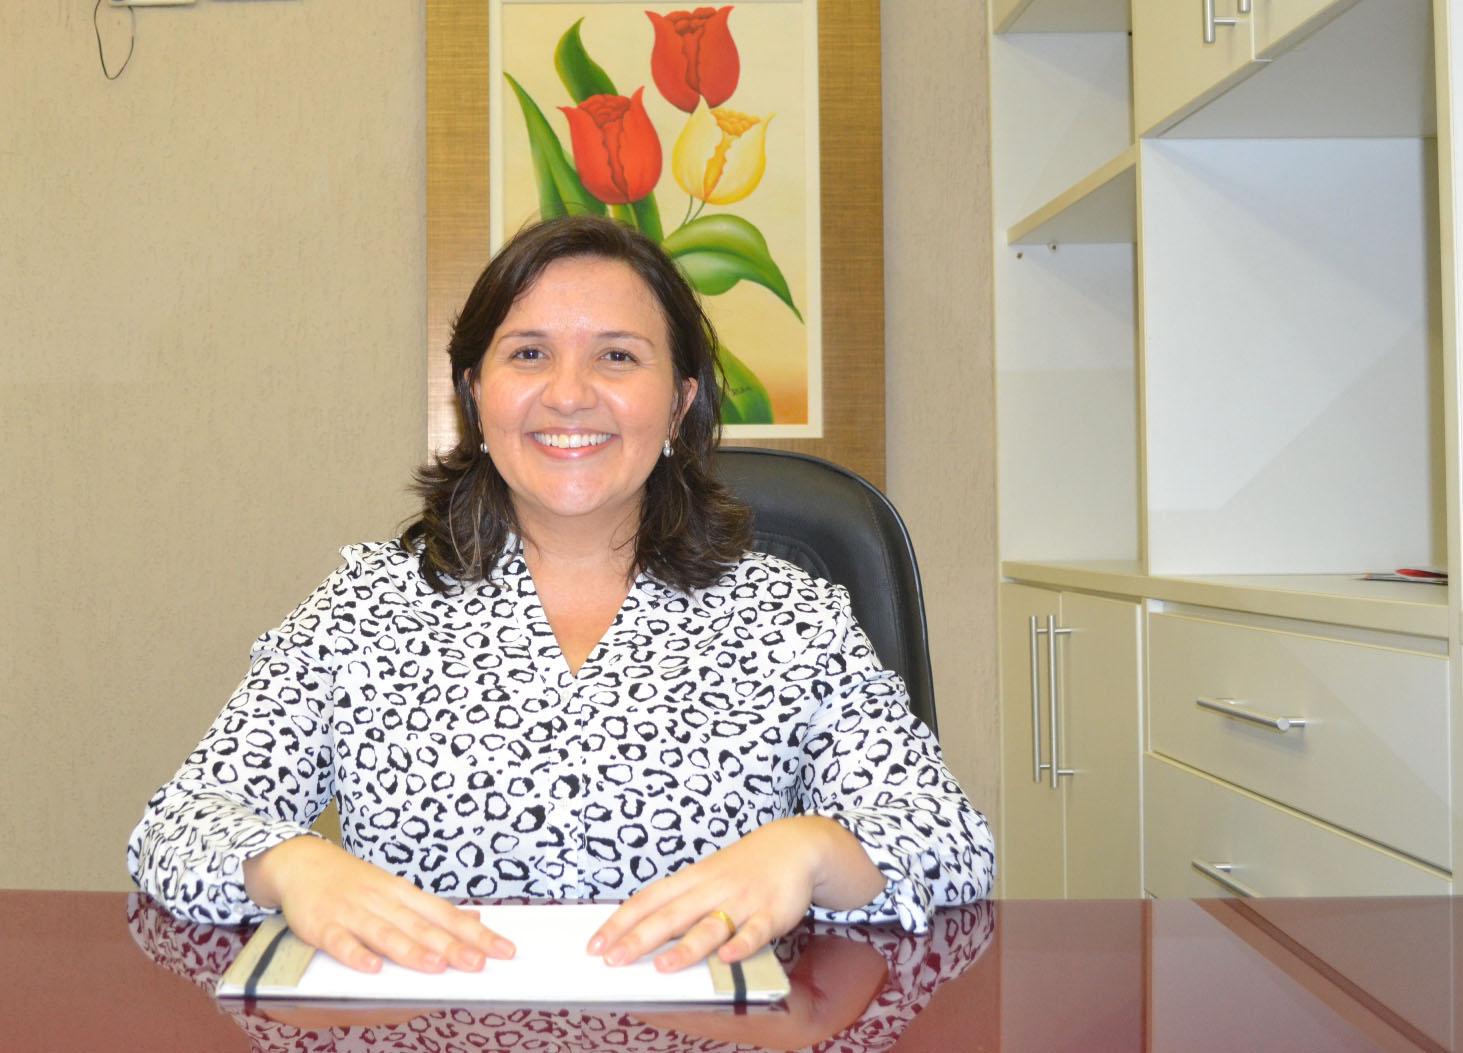 Após a posse, Lidiane Garcia foi para o gabinete na prefeitura e já começou a trabalhar (Foto: Erivan Silva)